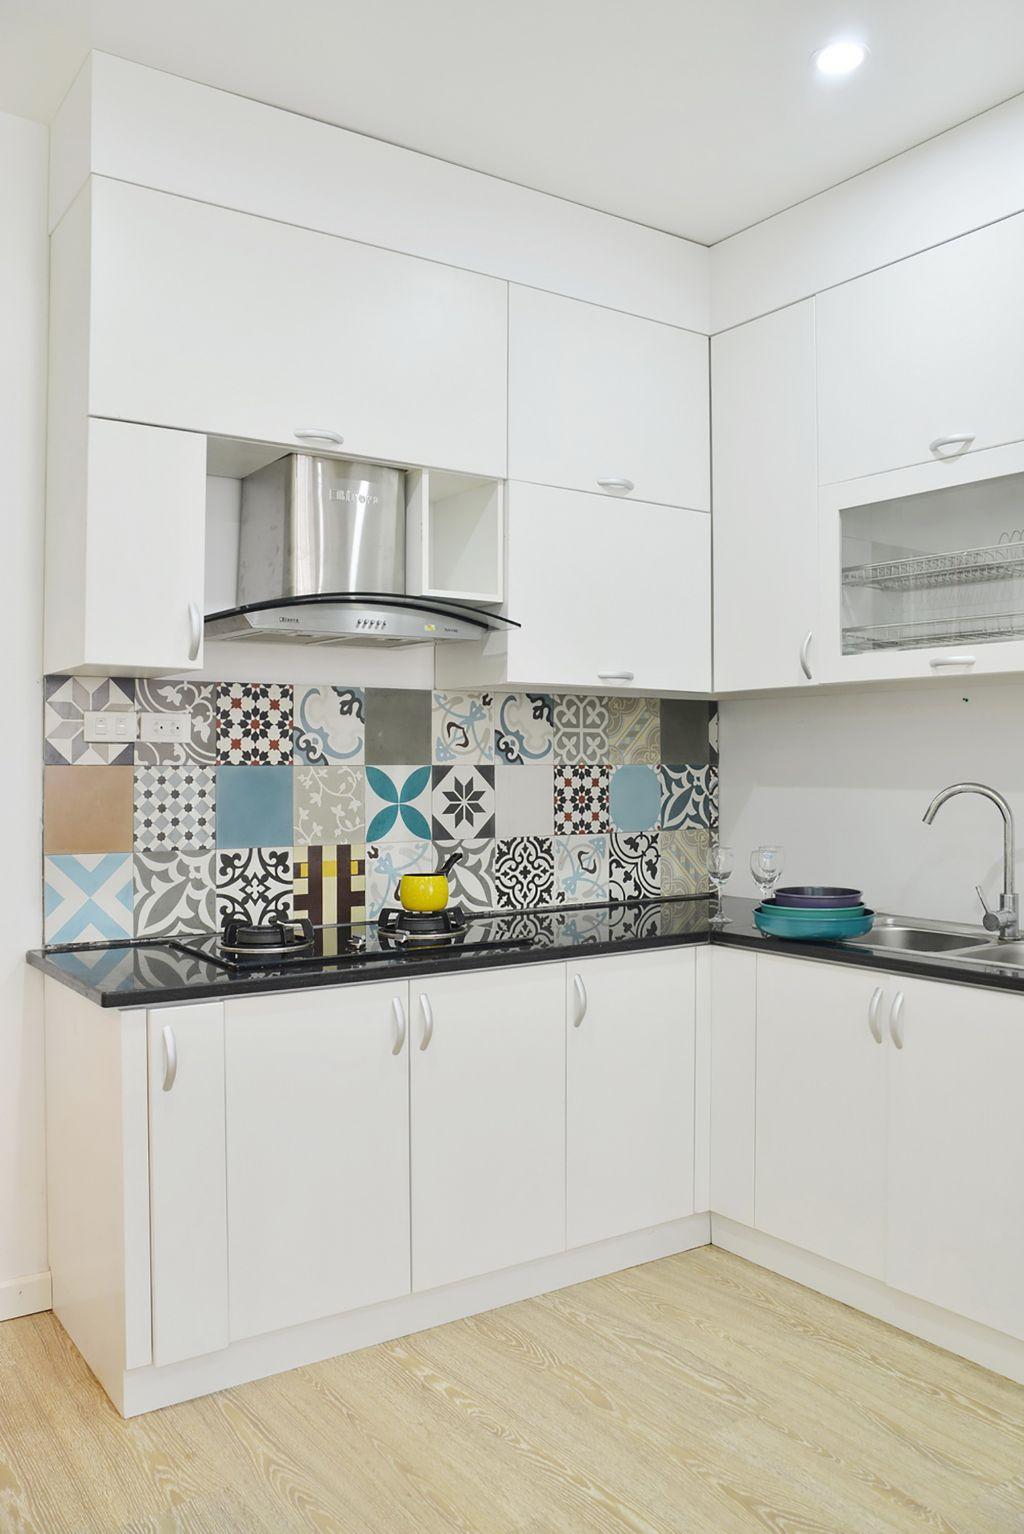 moderen-apartament-s-tsveten-i-udoben-interior-4g